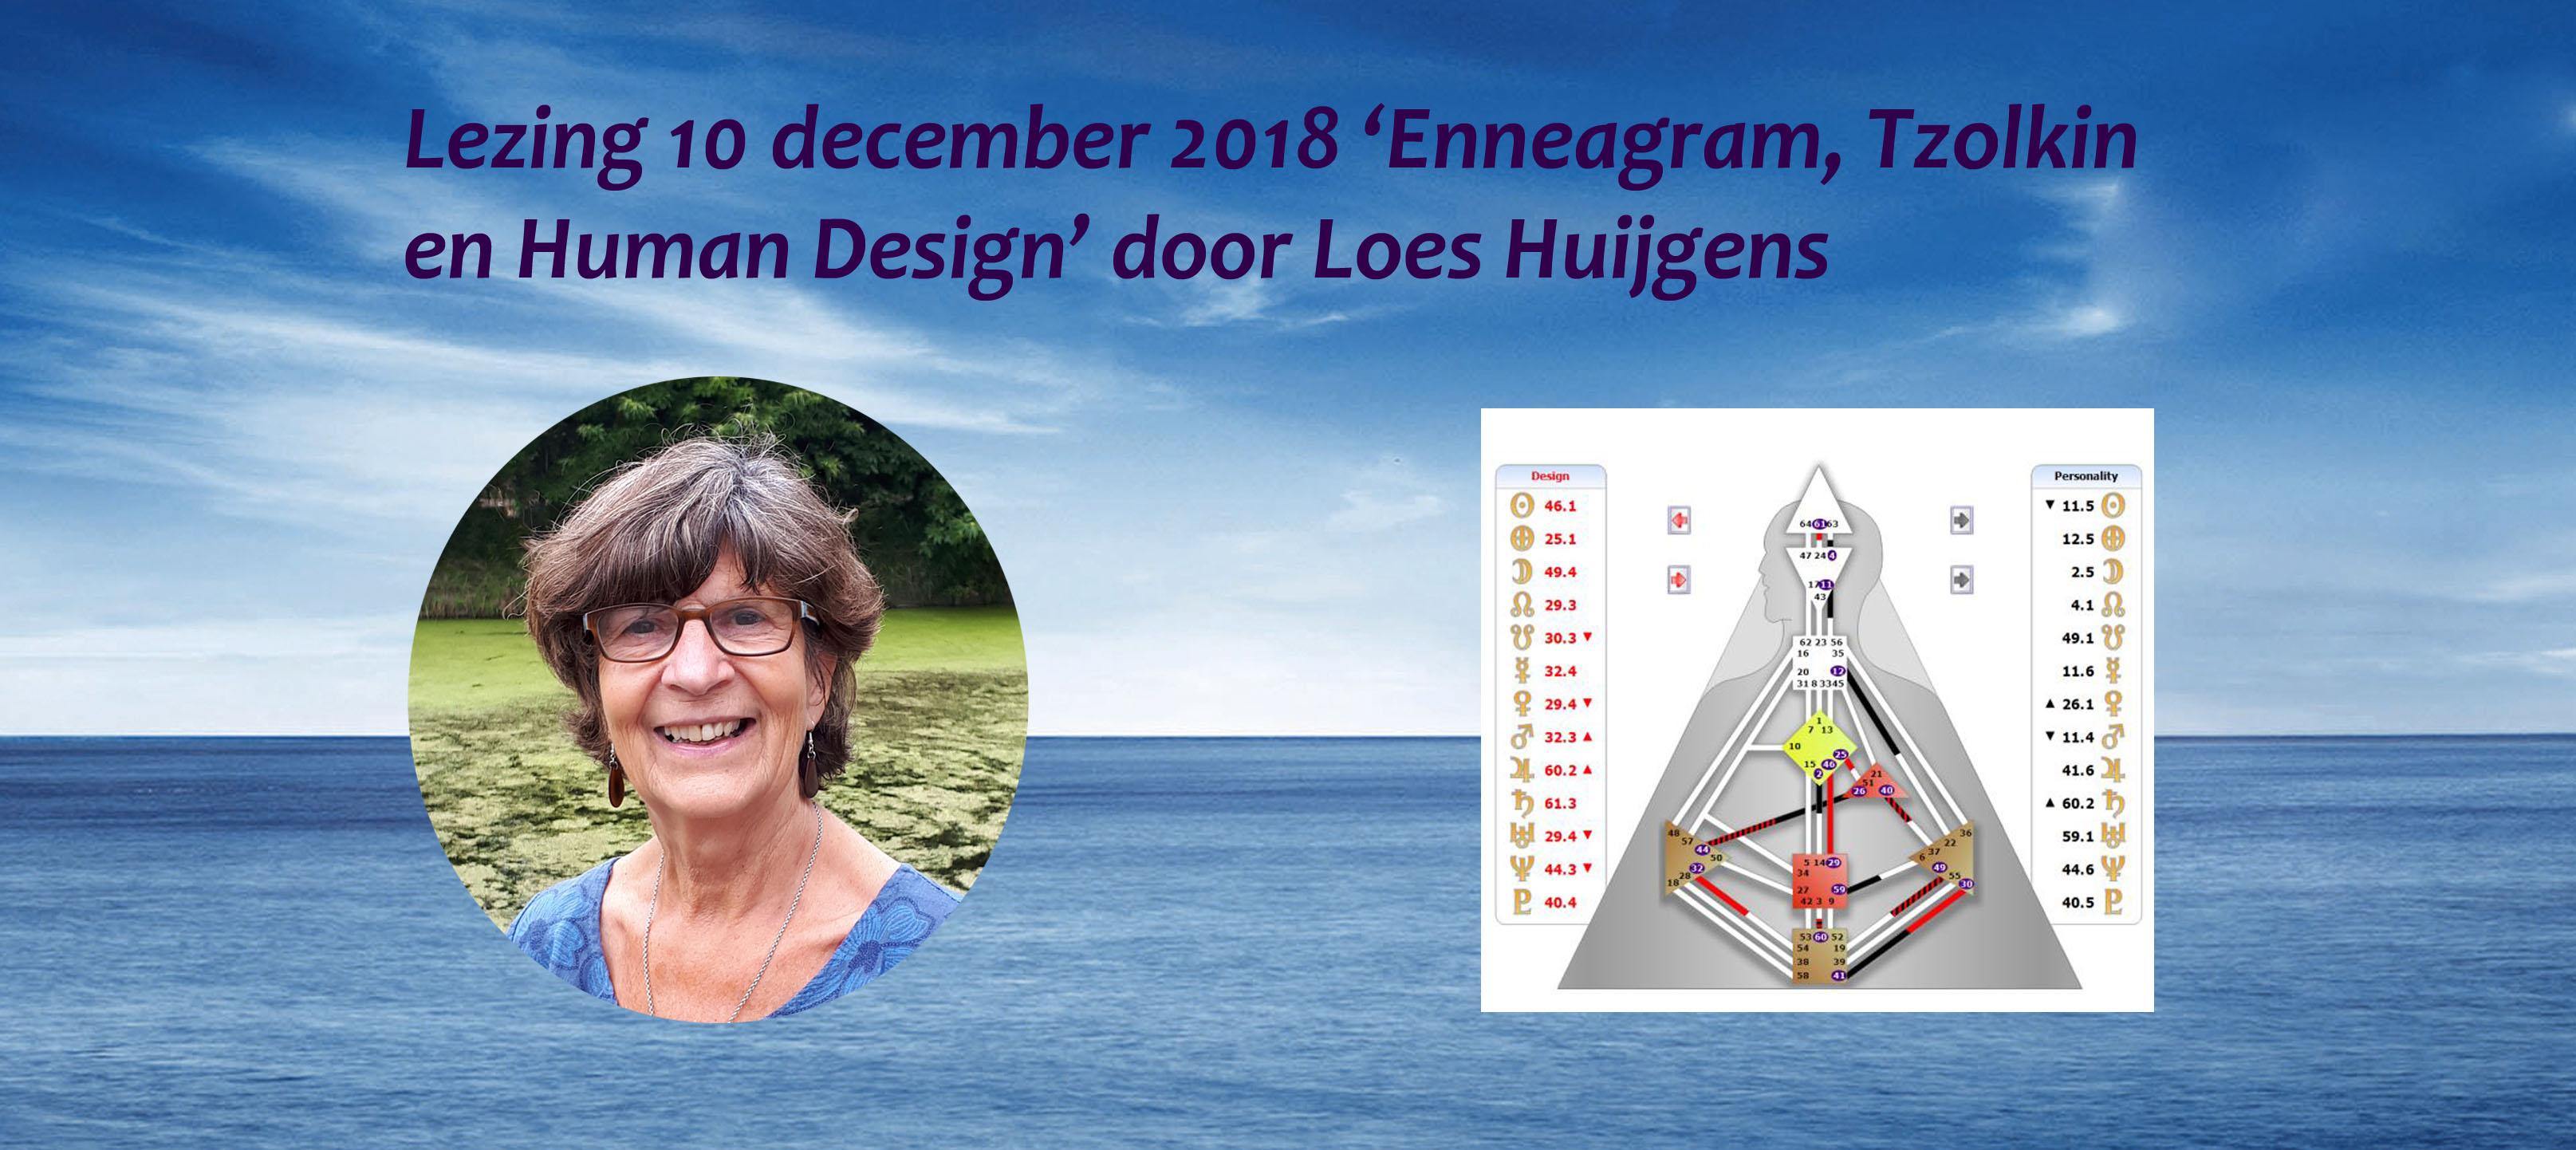 Lezing door Loes Huijgens over Enneagram, Tzolkin en Human Design